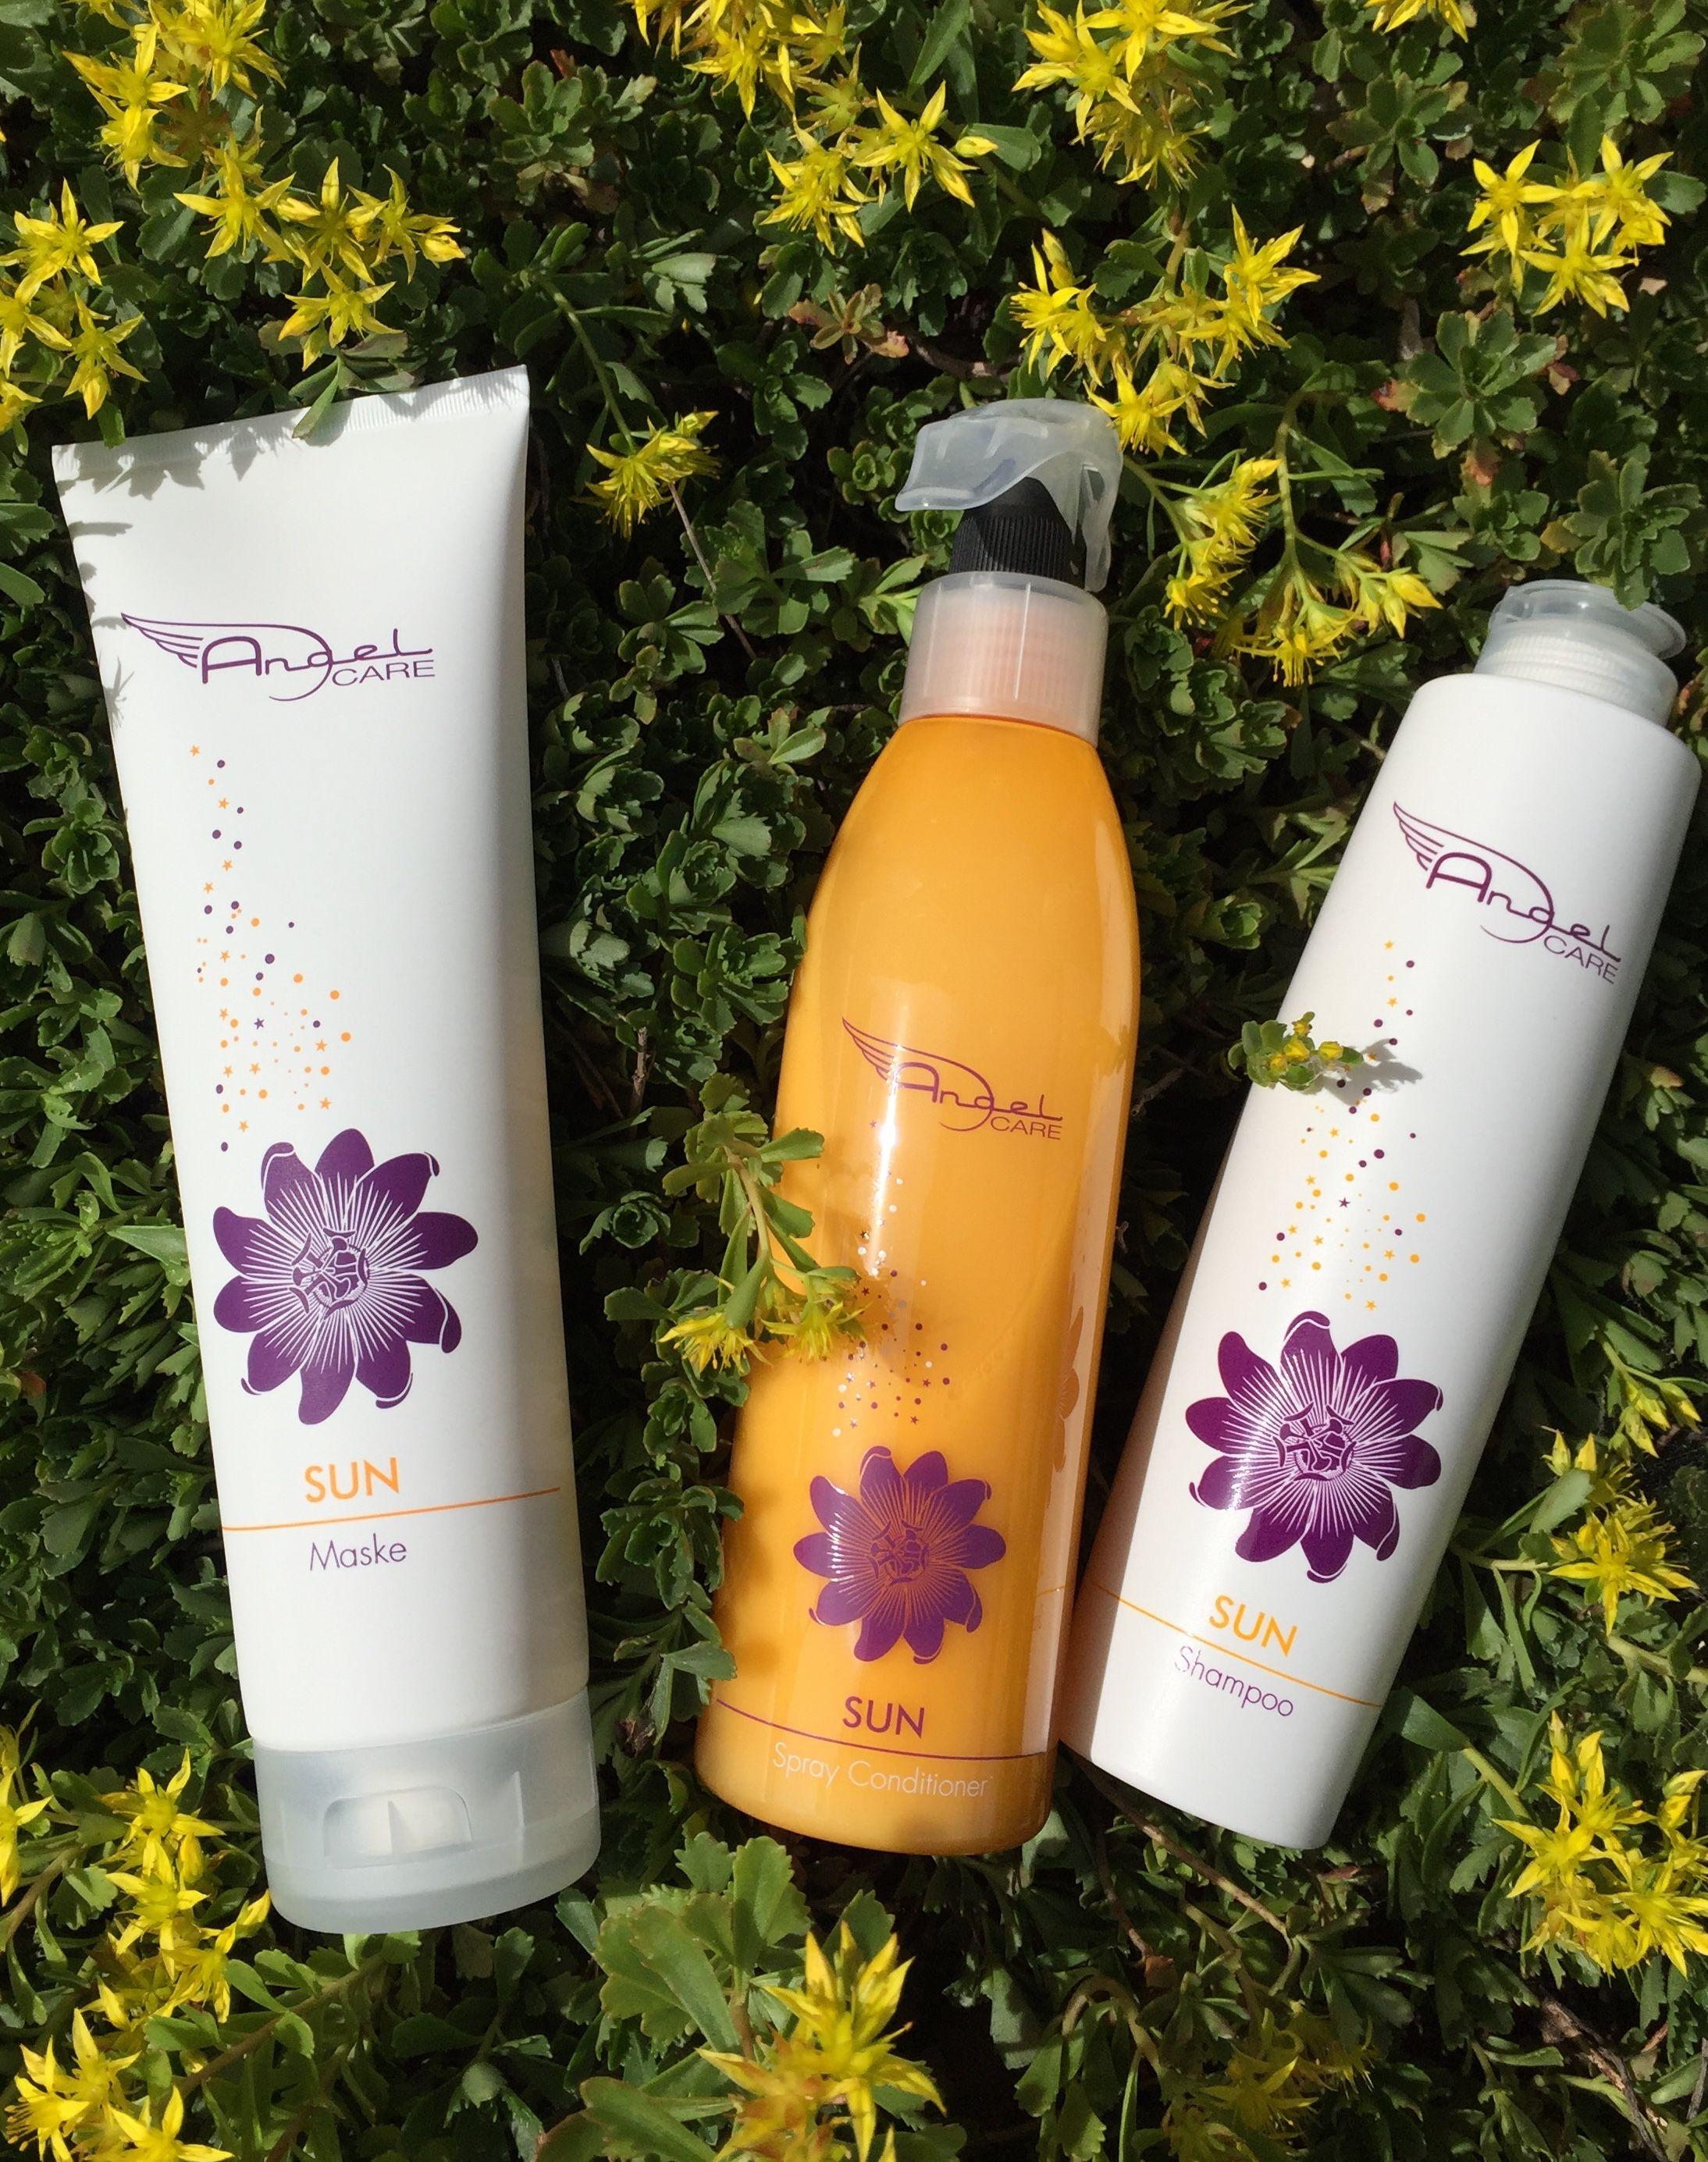 Angel Care Sun Haare Pflegen Haare Kosmetik